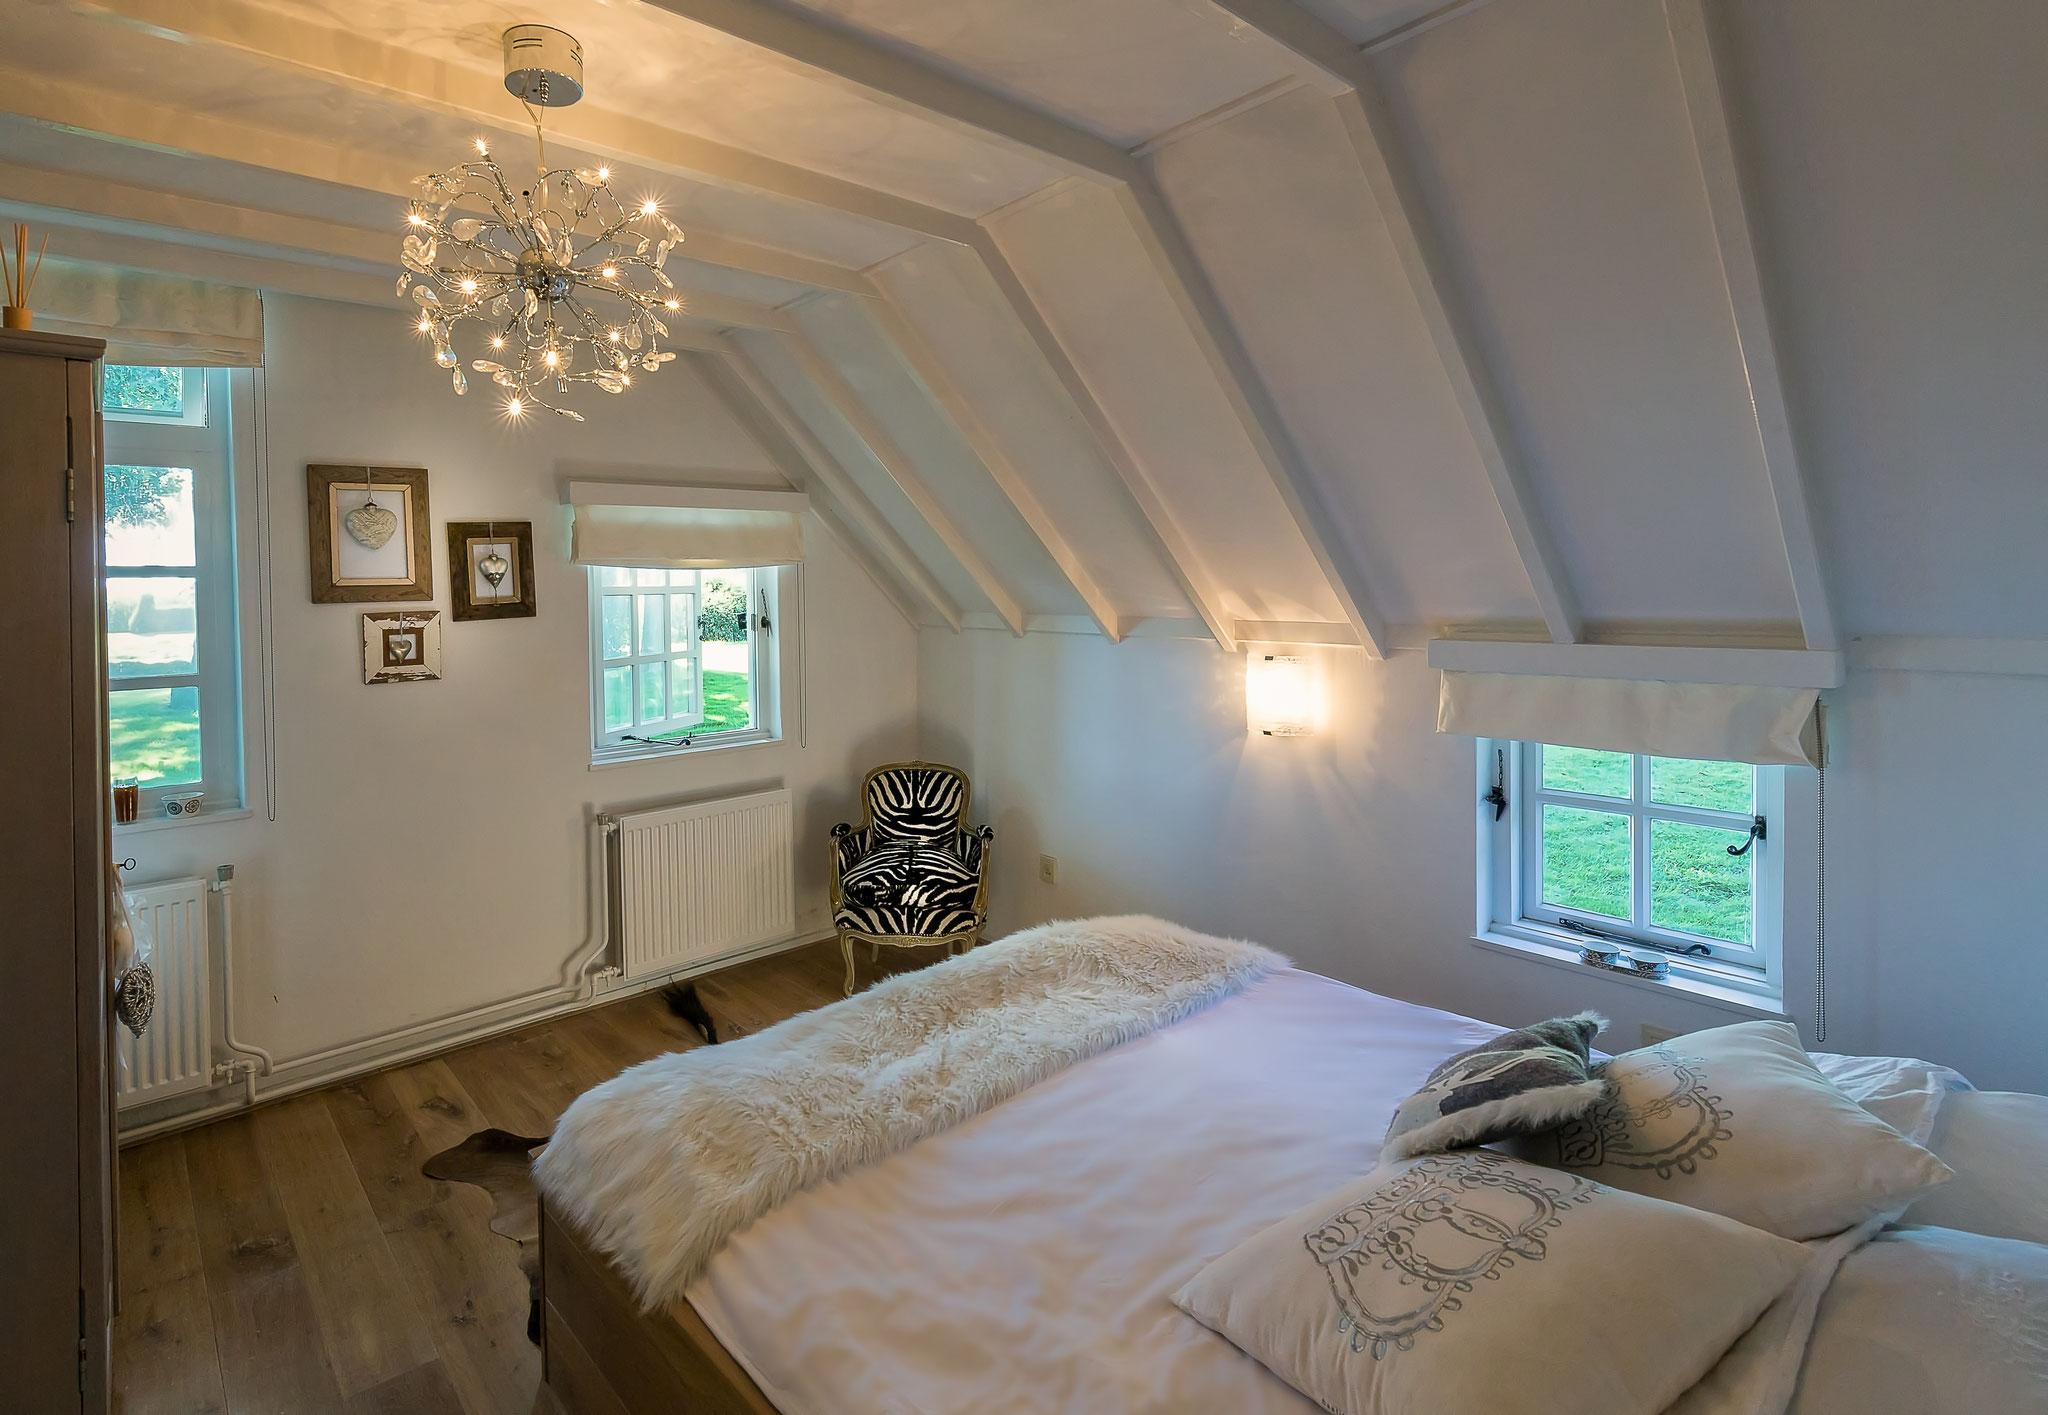 De master bedroom op de begane grond met fabelachtig uitzicht op de vis- en zwemvijver